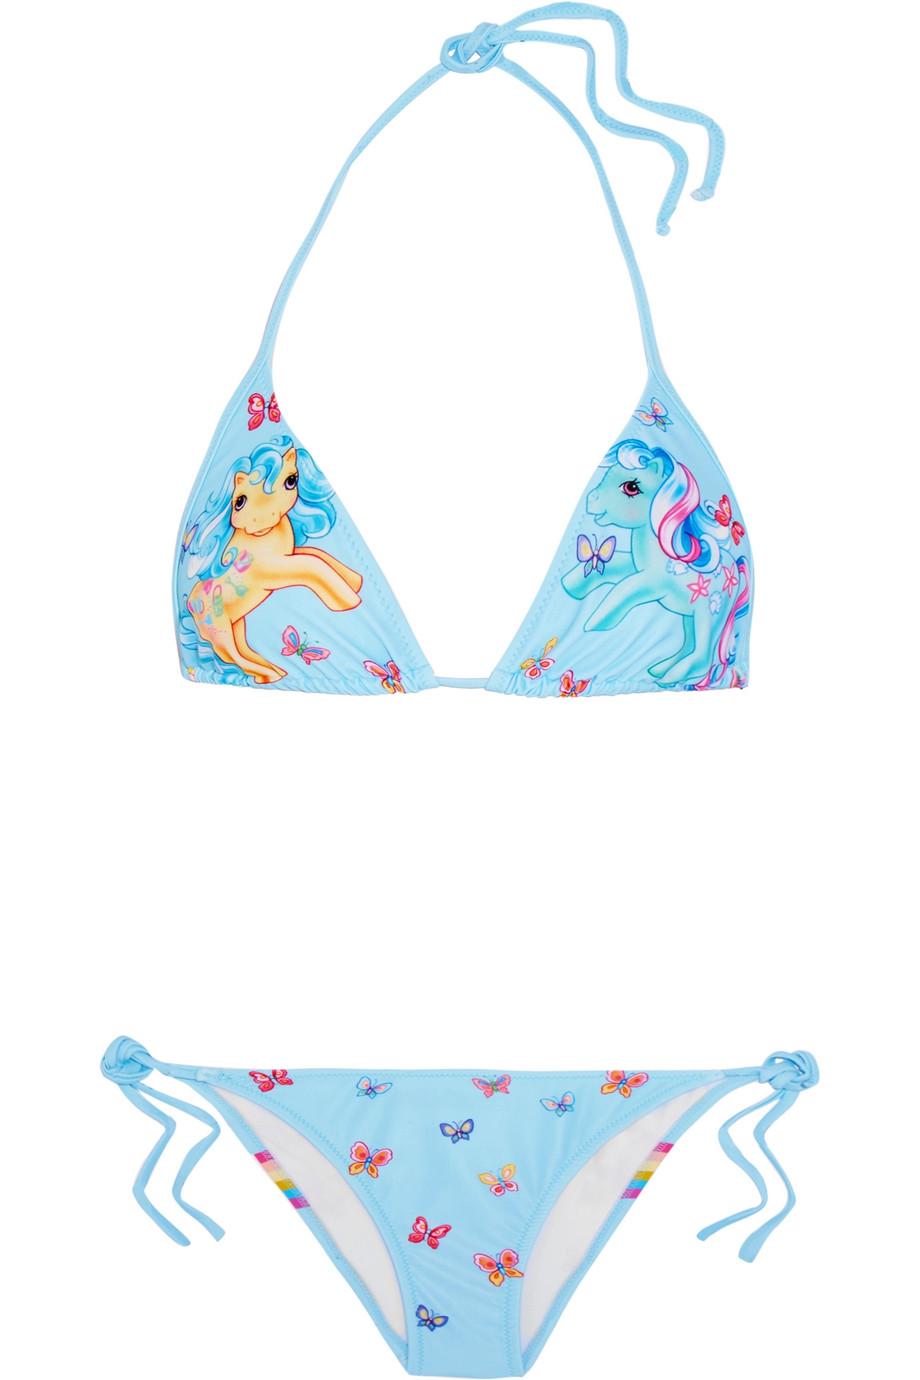 Bikini,  Moschino : 250$